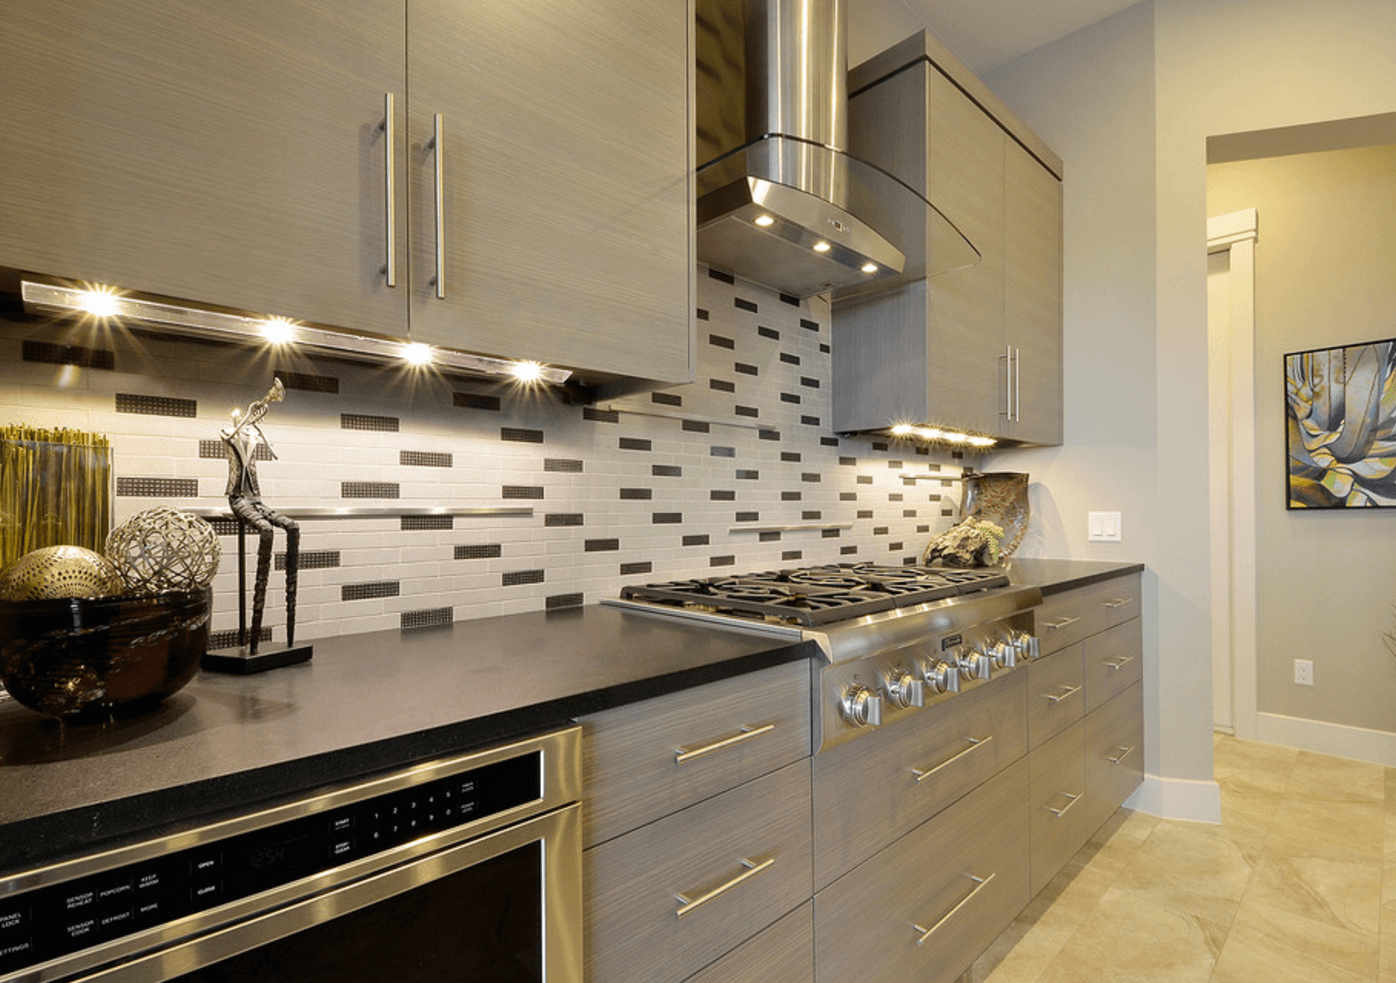 Идея освещения кухни под навесными шкафчиками